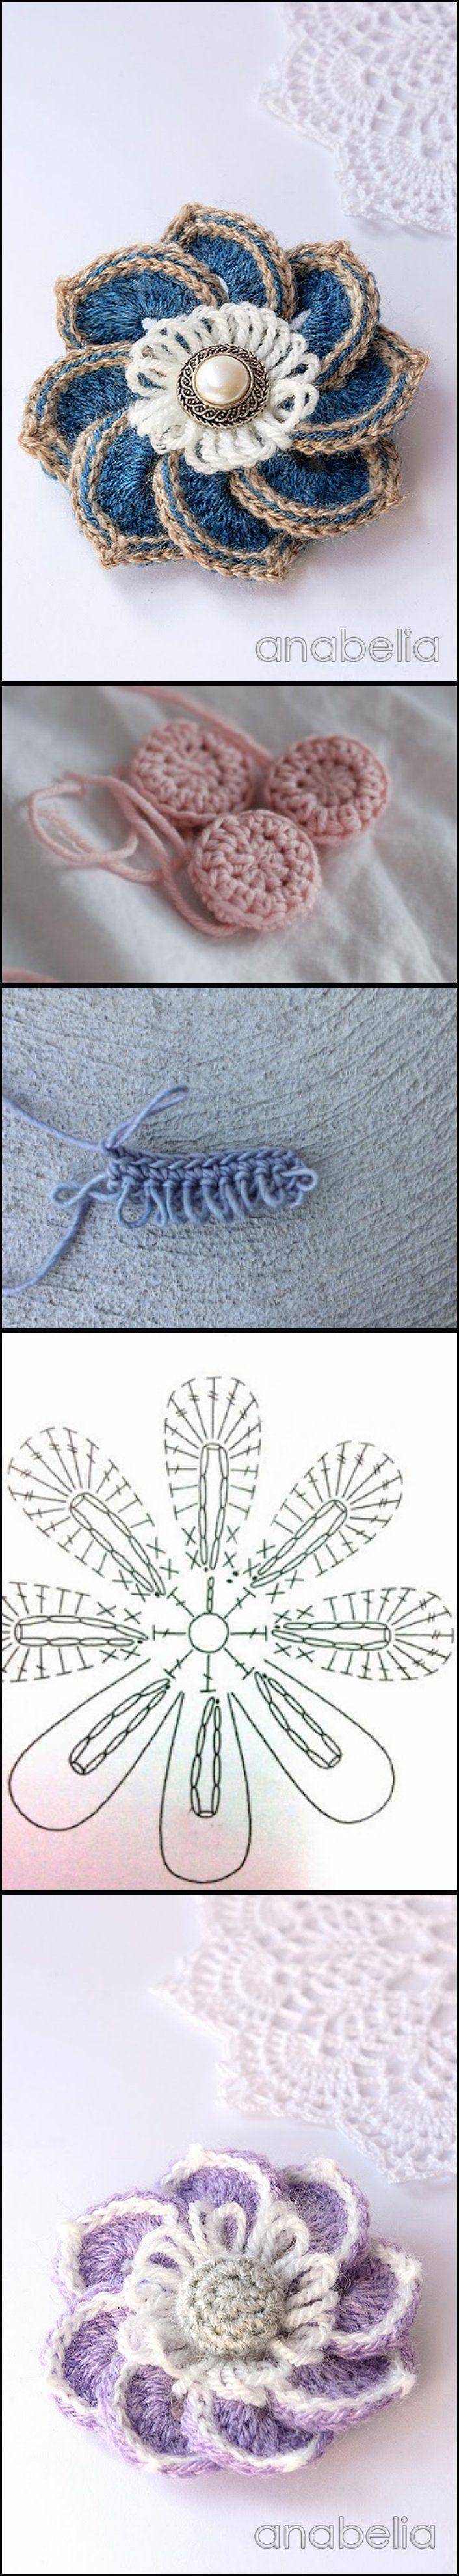 Free Beautiful Crochet Brooch Pattern